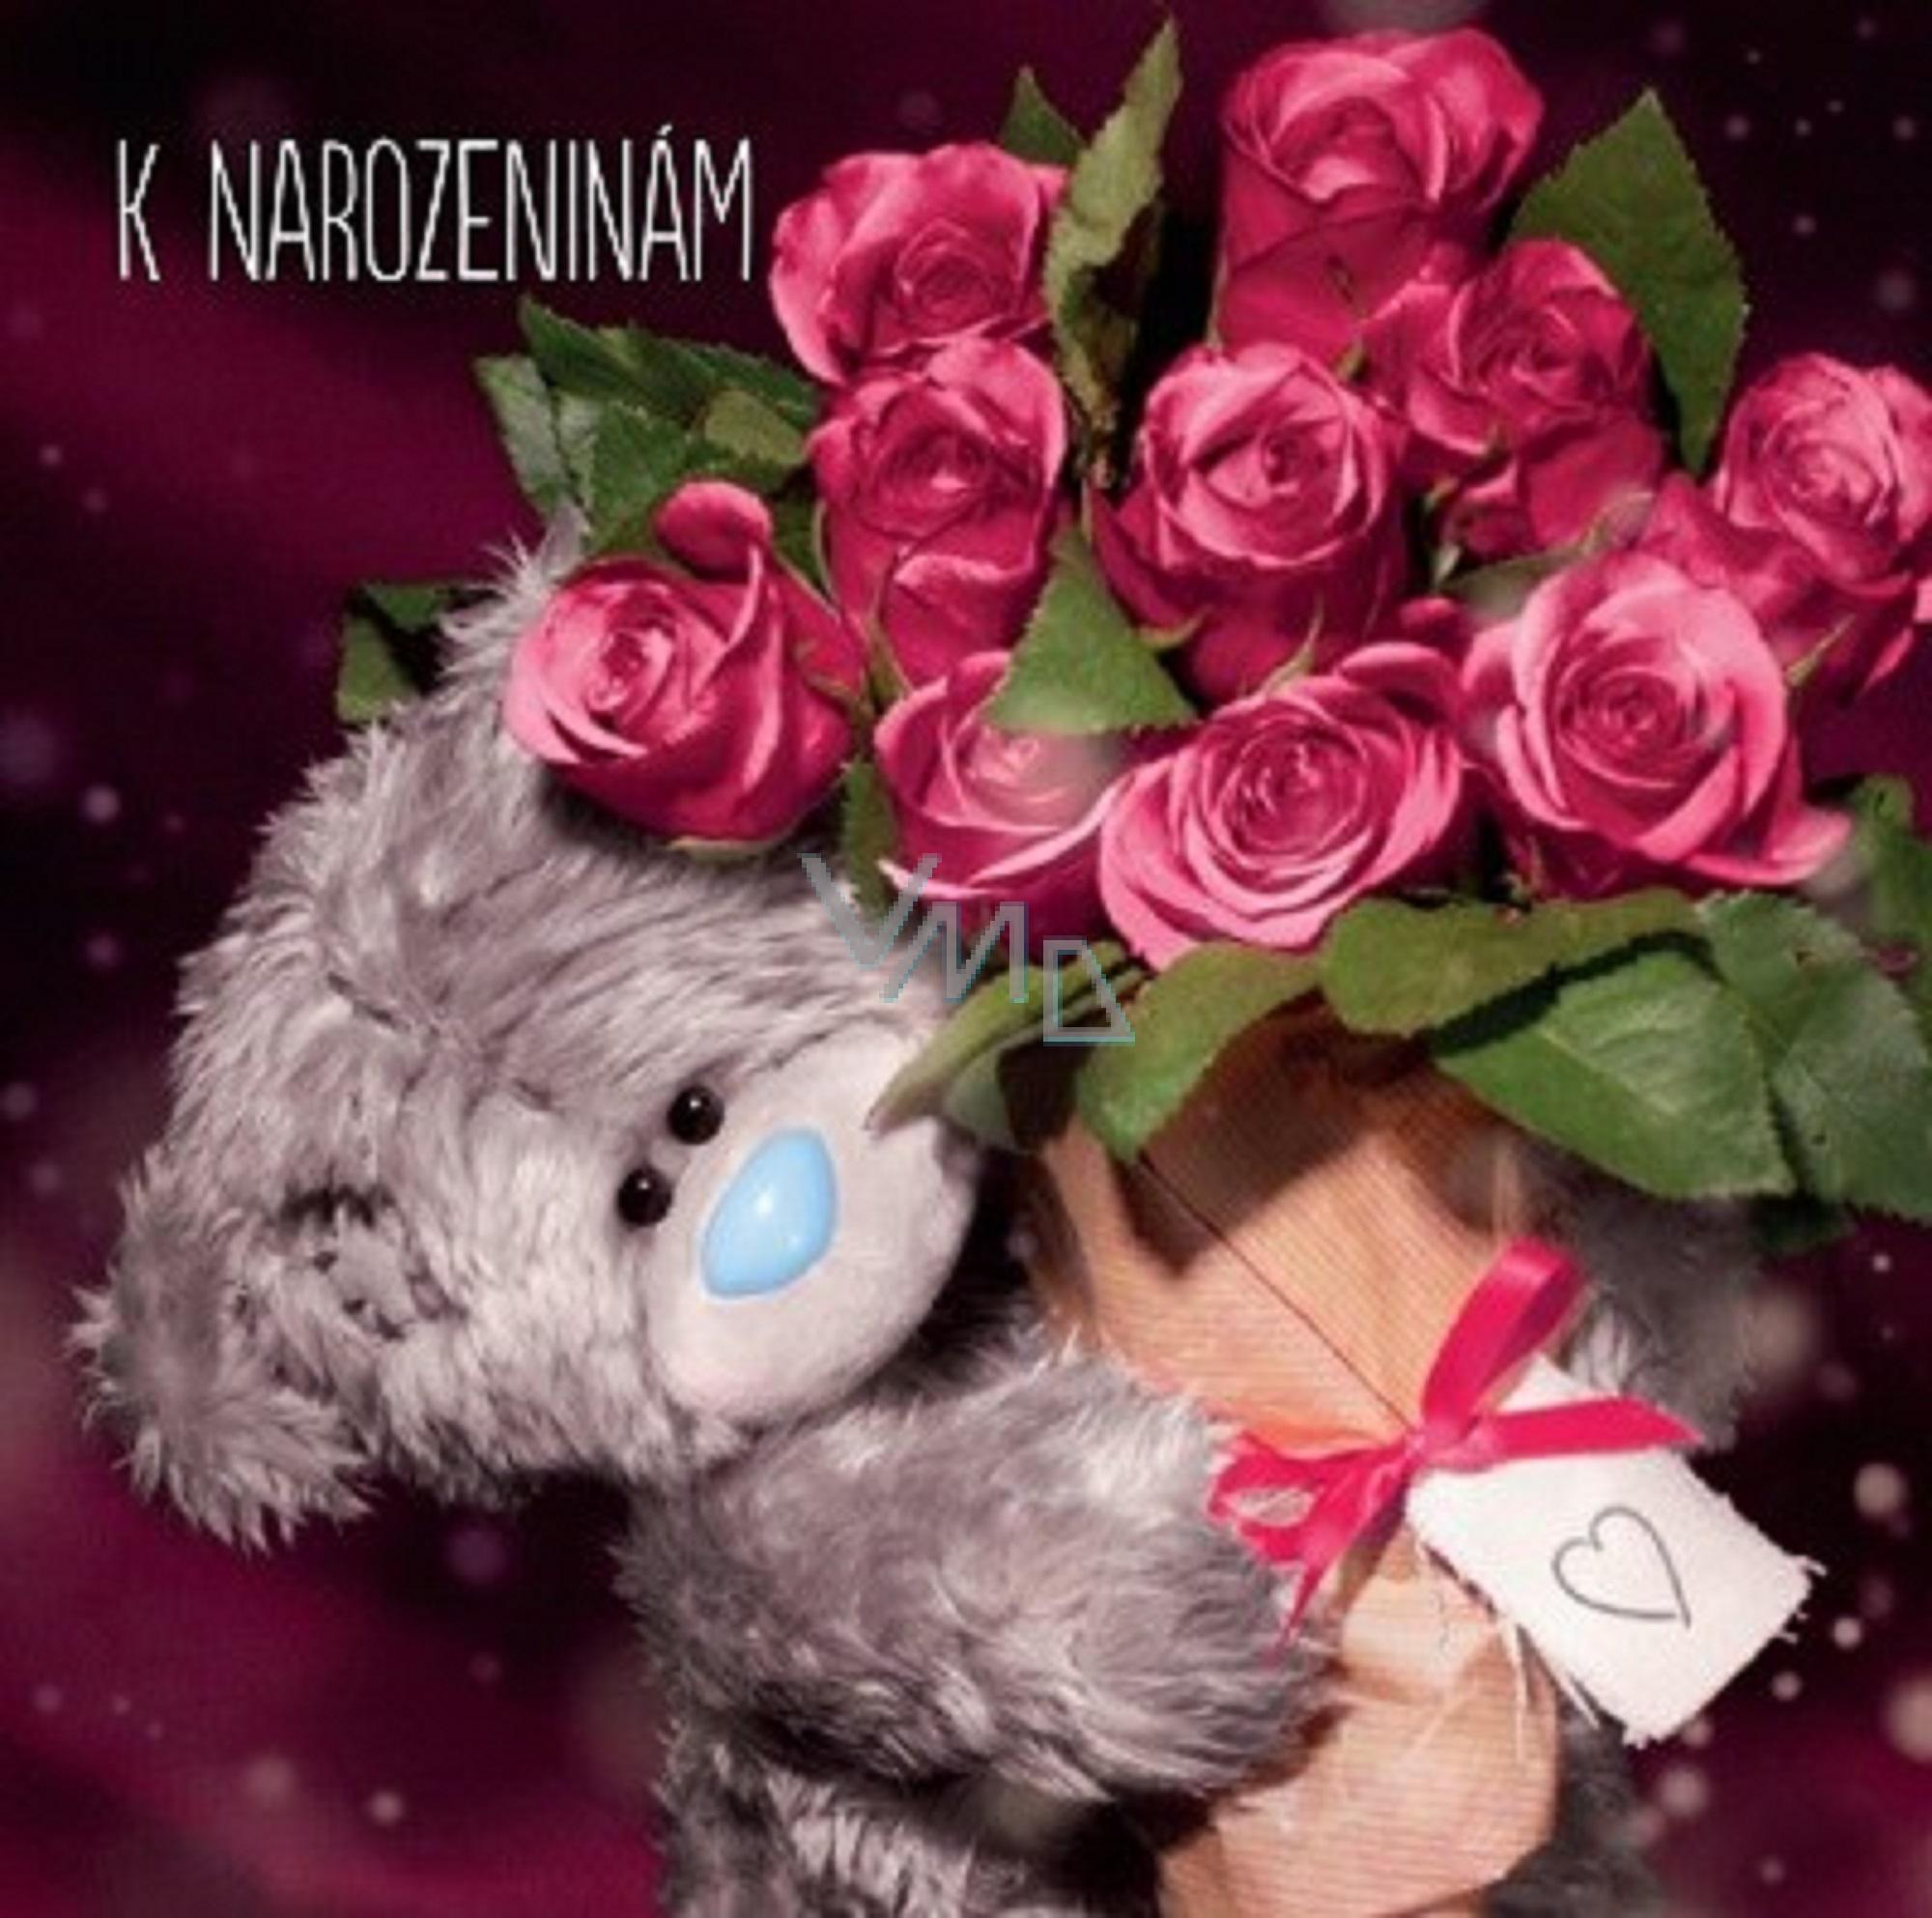 blahopřáni k narozeninám Me to You Blahopřání do obálky 3D K narozeninám, Medvídek s růžemi  blahopřáni k narozeninám